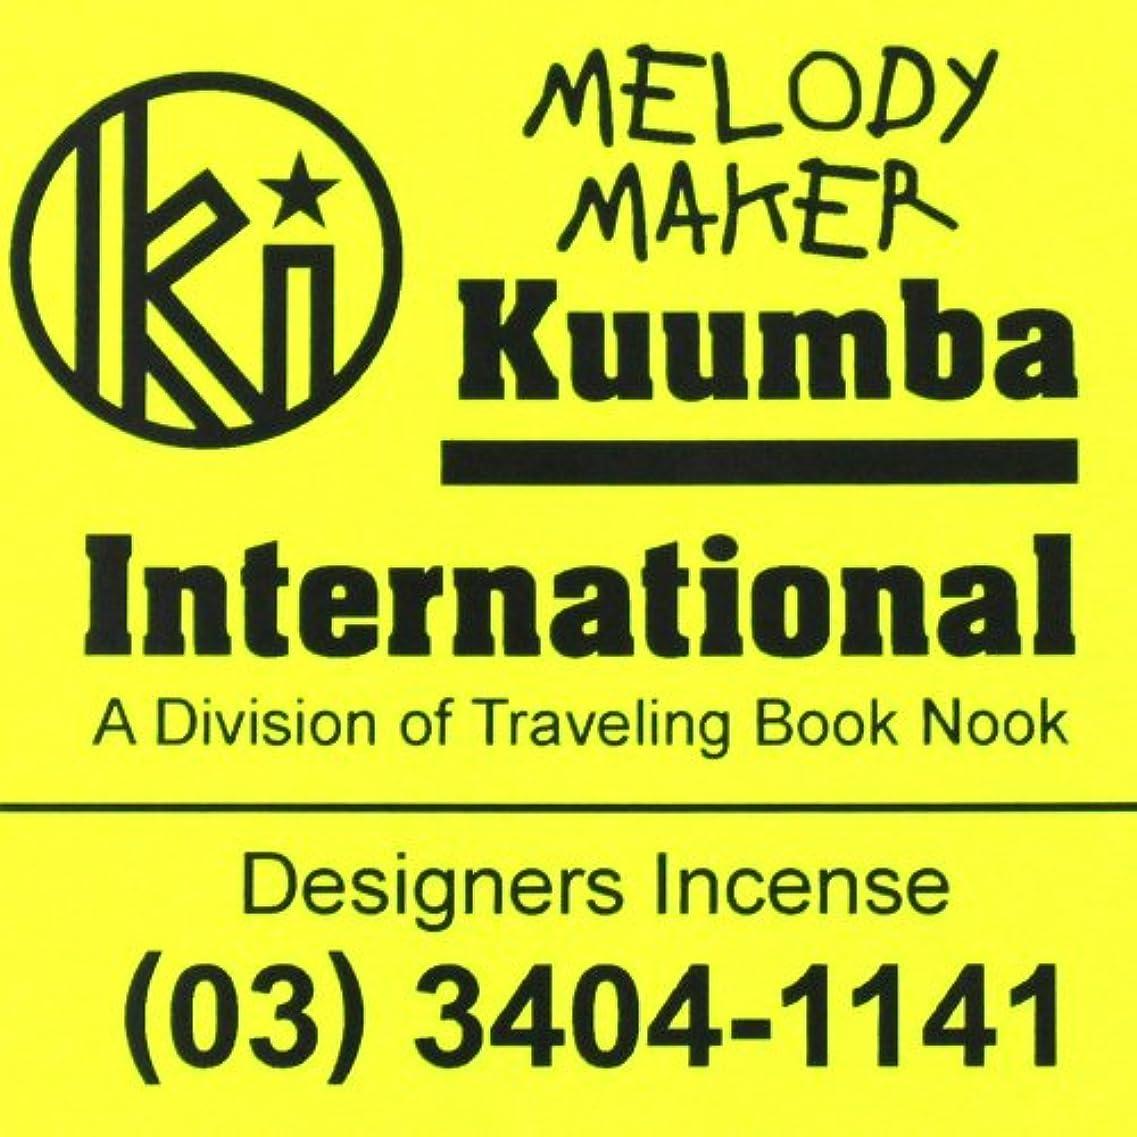 超越する冷蔵する戦争(クンバ) KUUMBA『classic regular incense』(MELODY MAKER) (Regular size)